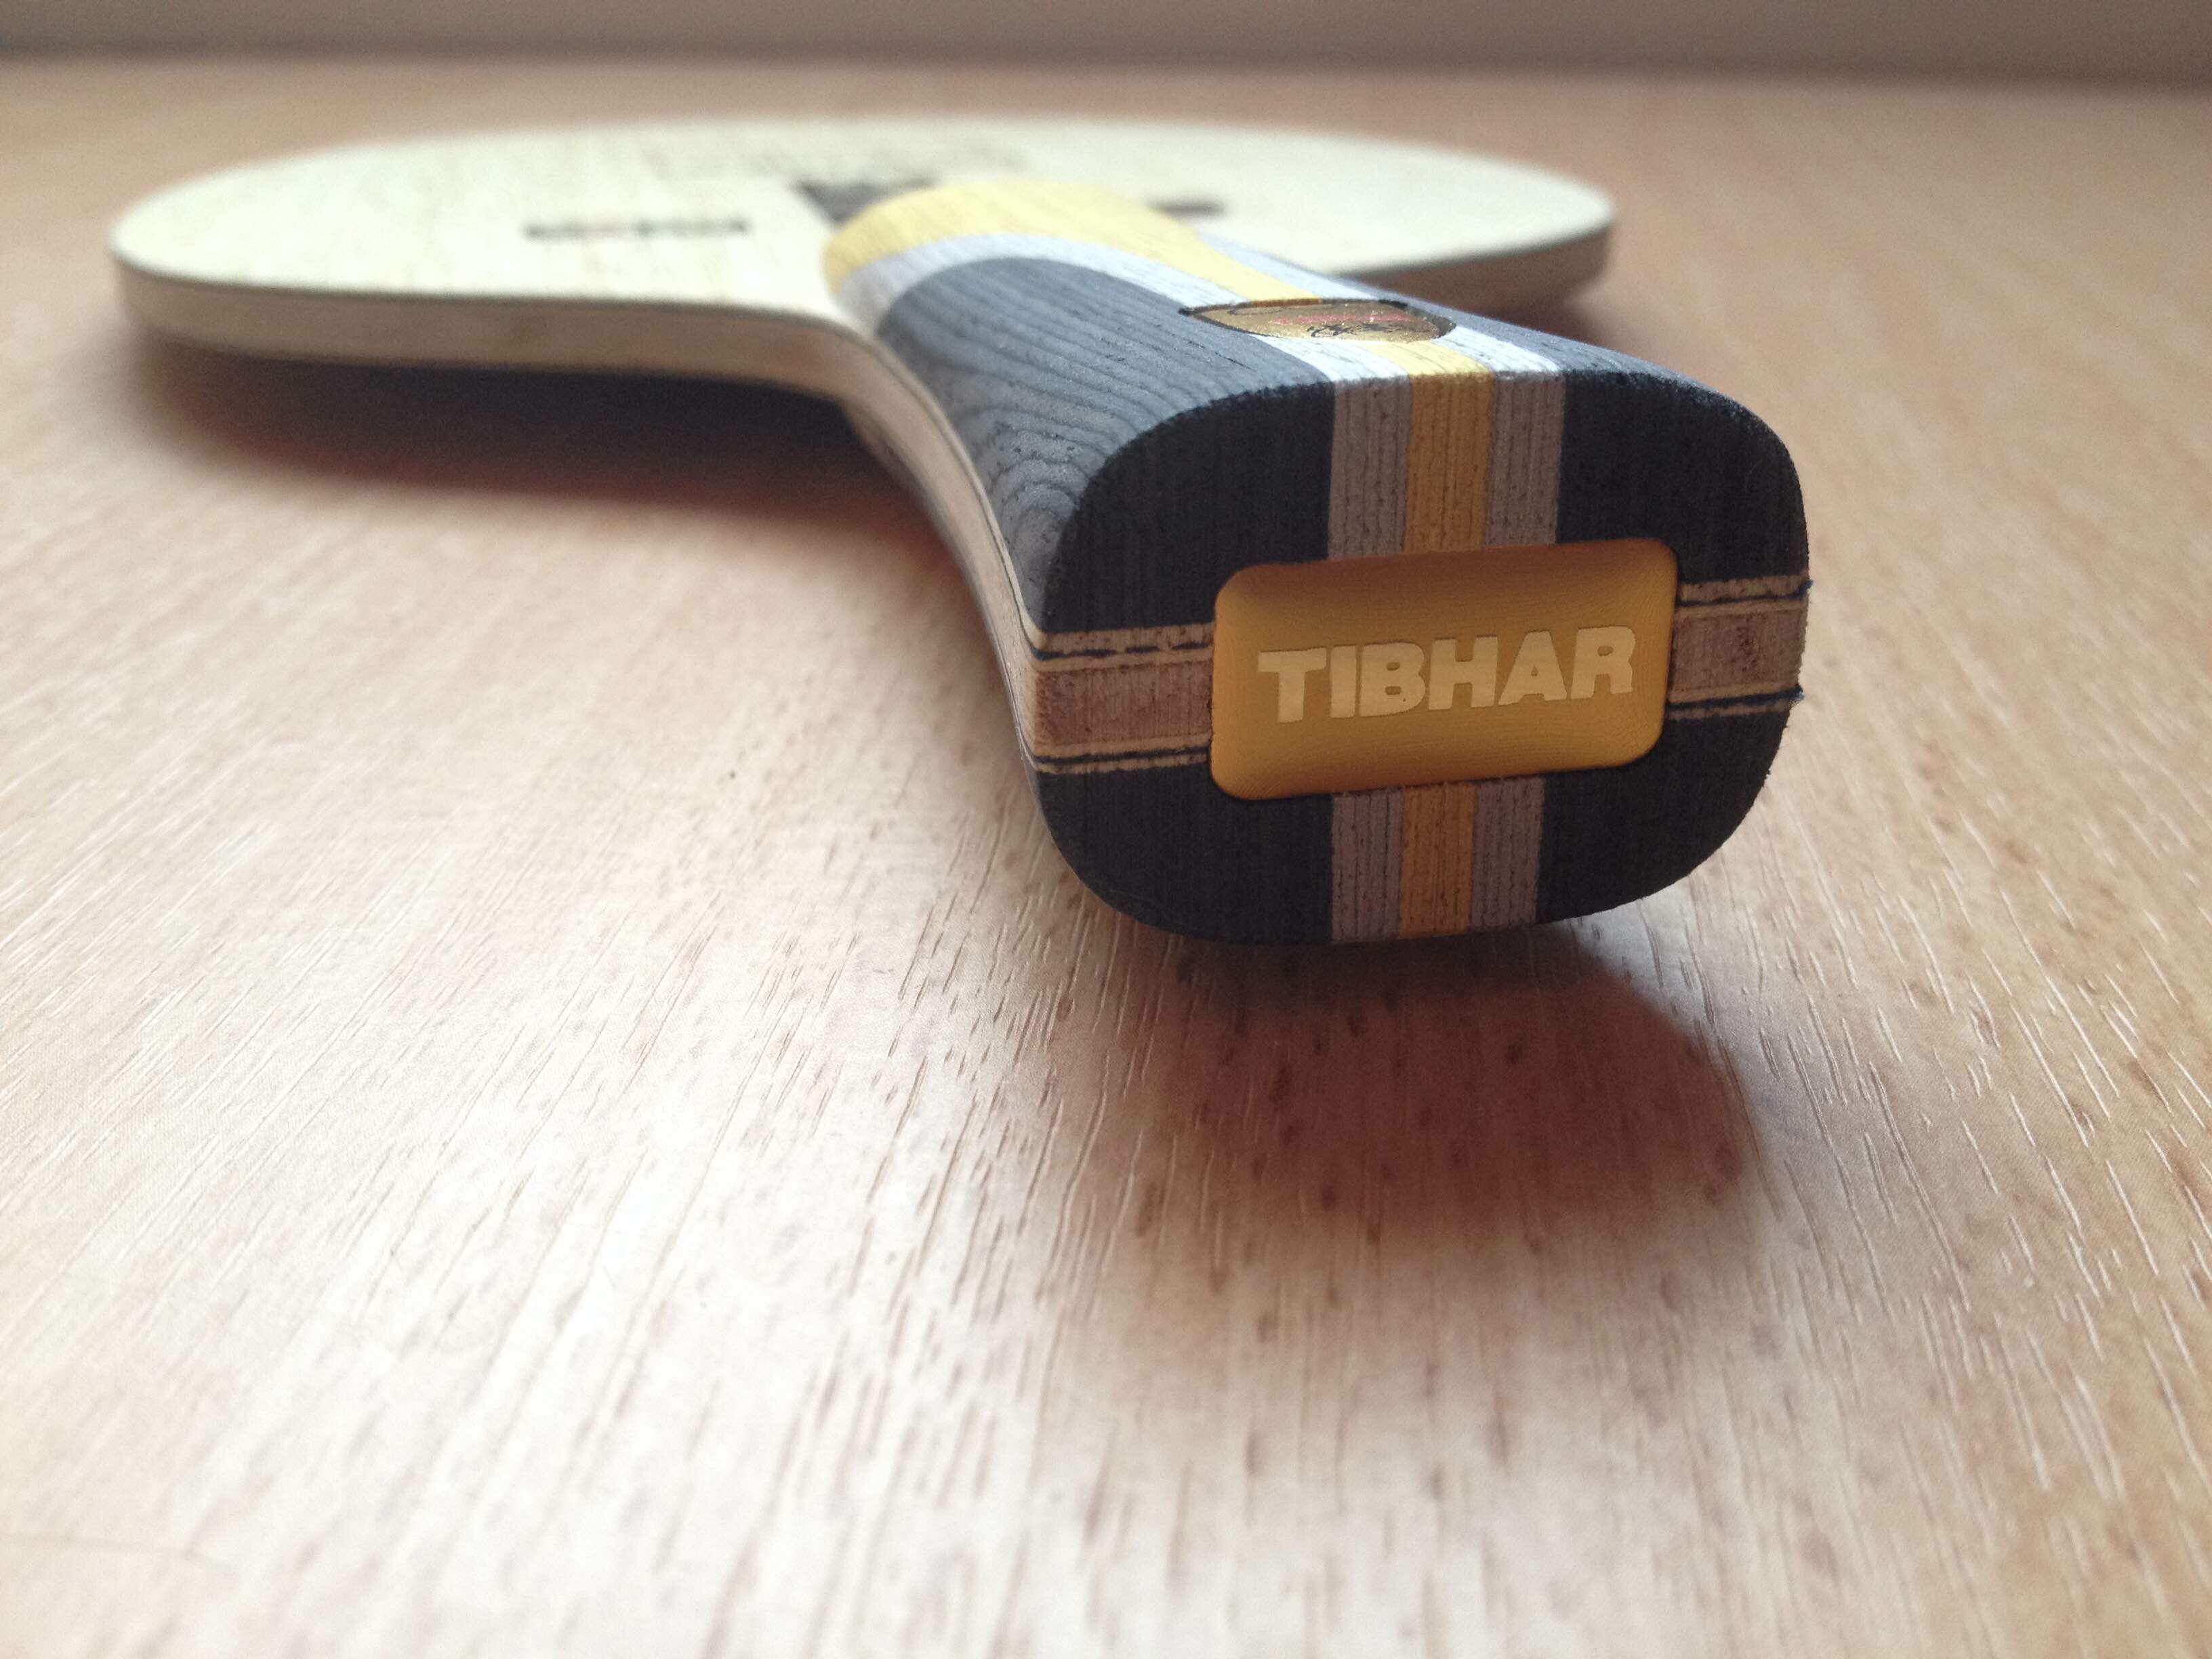 Tibhar CCA Unlimited asztalitenisz-ütőfa nyél felőli nézete